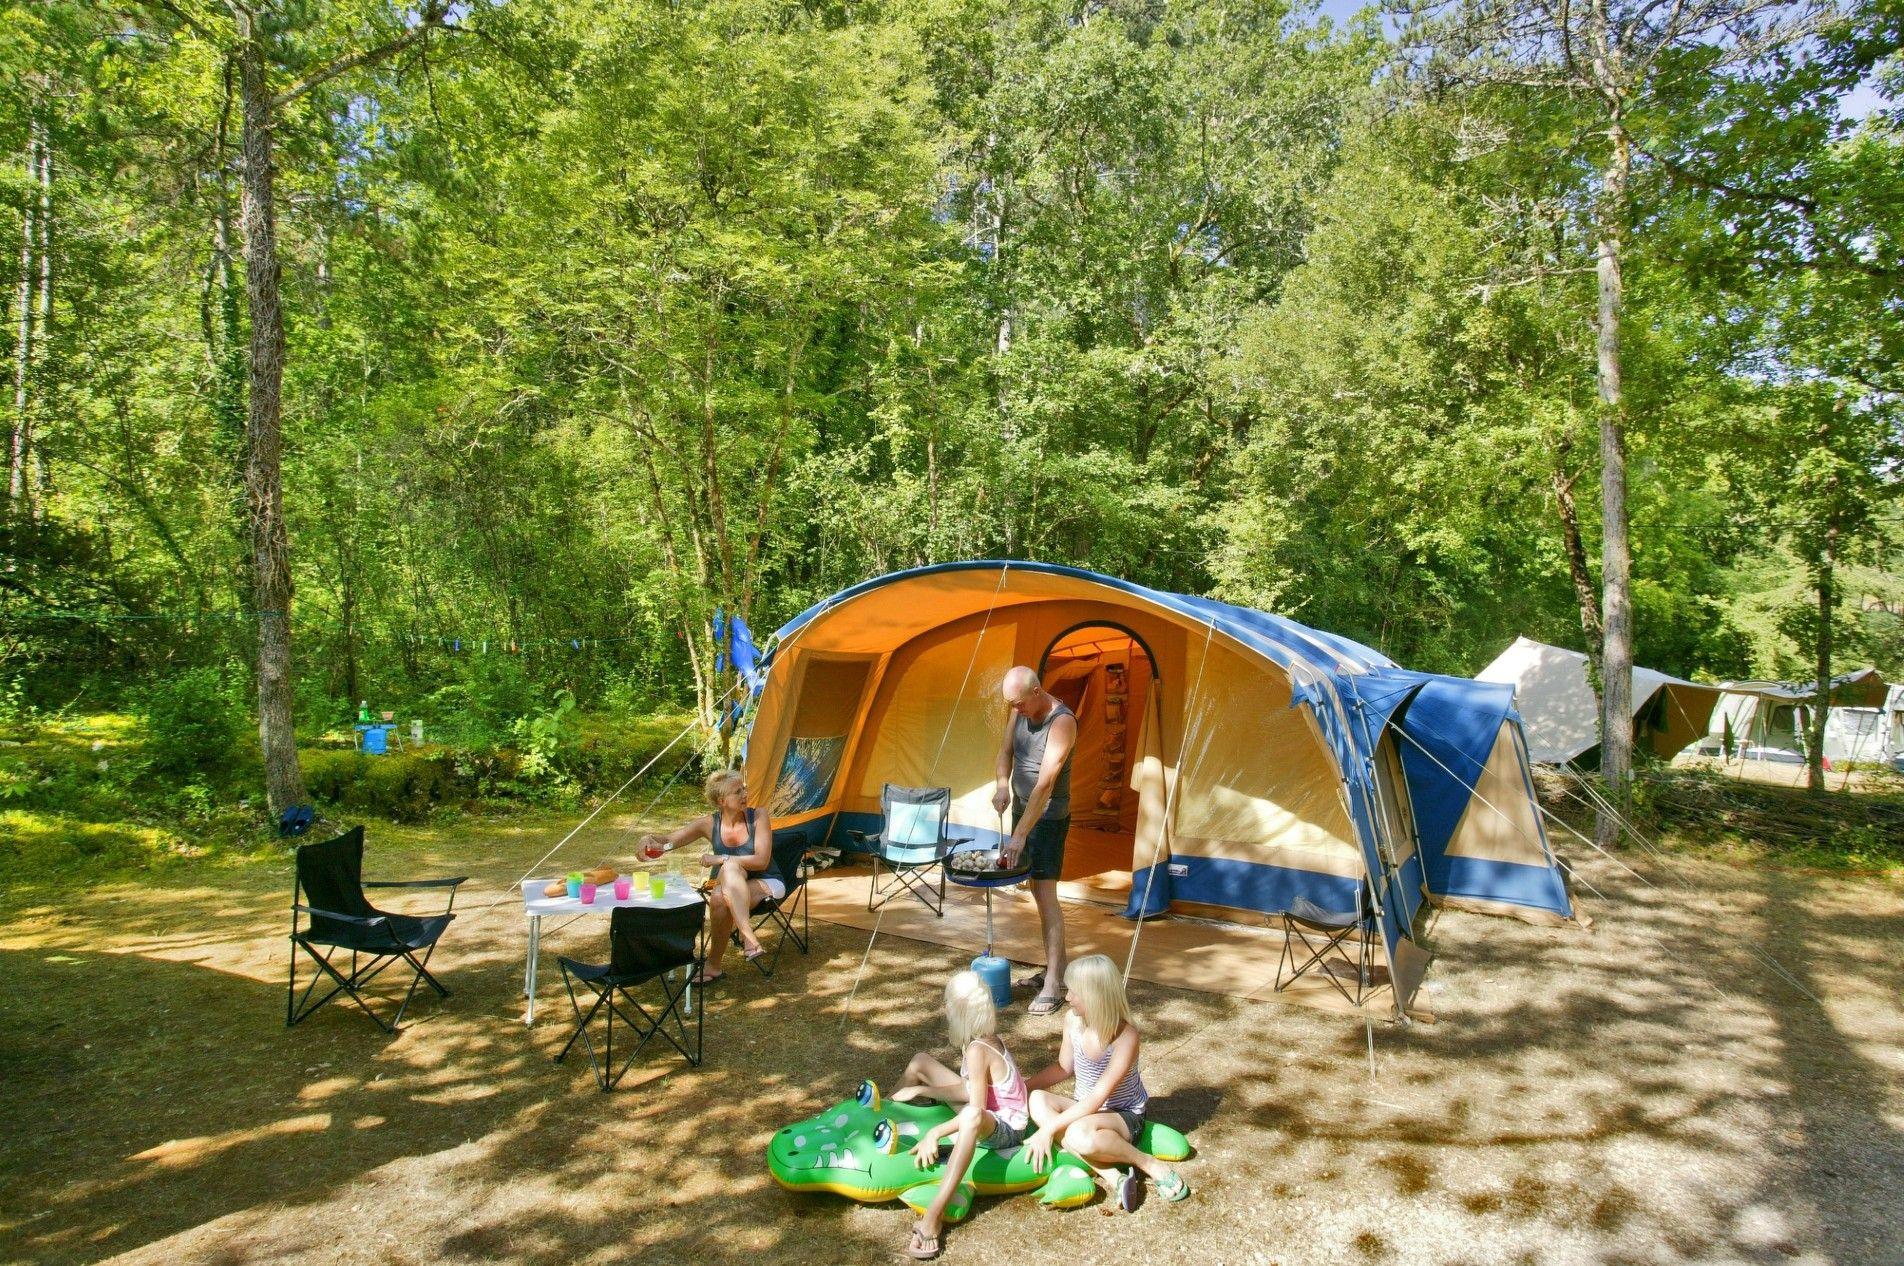 Met Apart Jongeren Veld 14 In 2020 Camping Van Camping Familiecamping